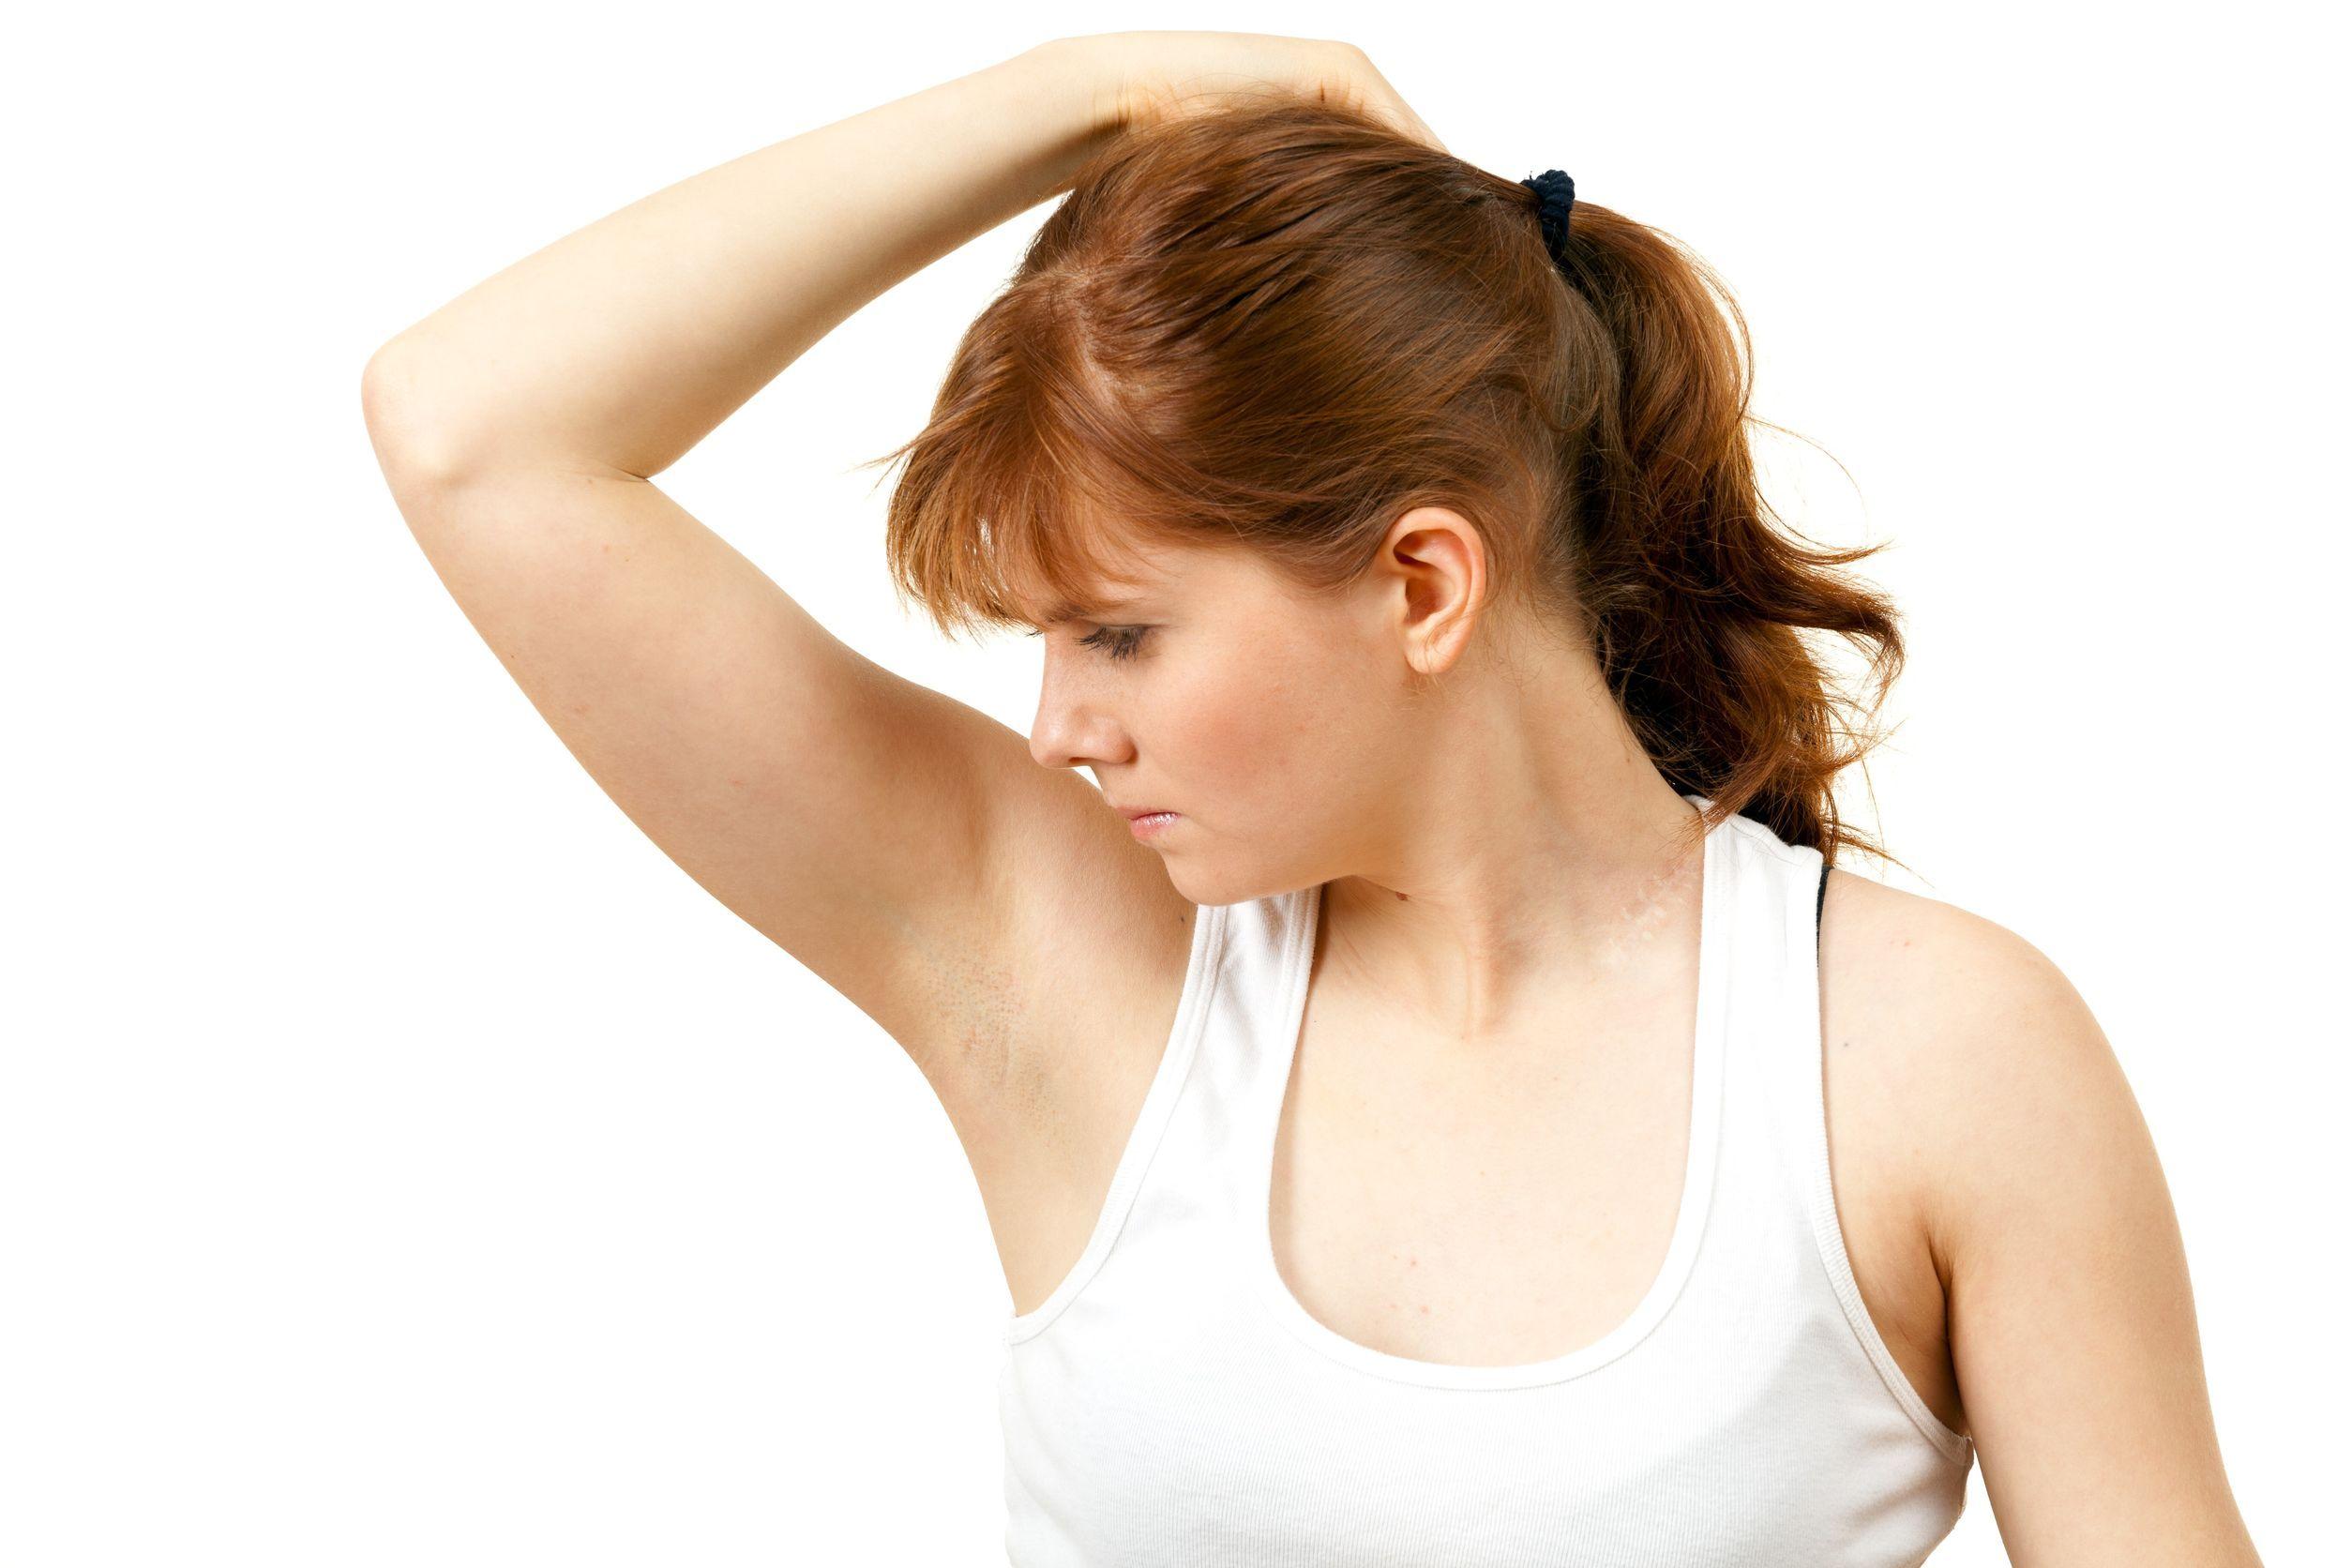 Bật mí 4 cách chữa hôi nách cực hiệu quả và an toàn